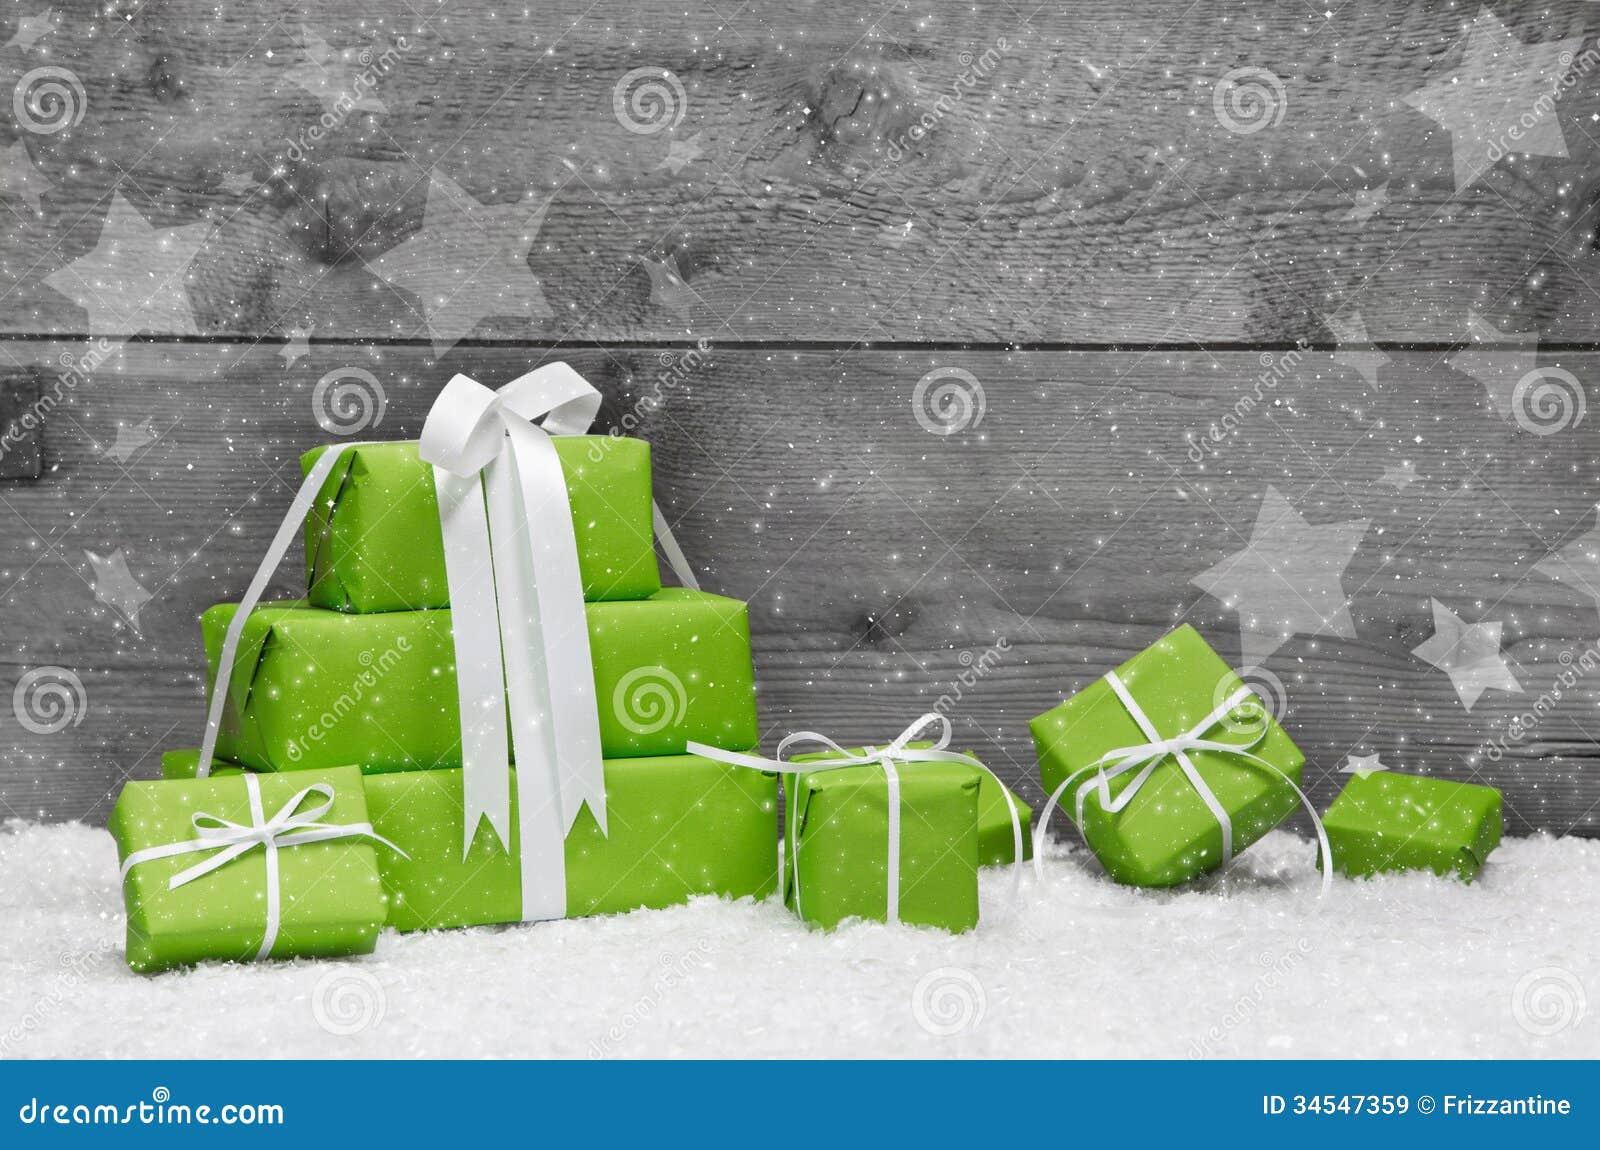 Grüne Weihnachtsgeschenke mit Schnee auf grauem hölzernem Hintergrund für